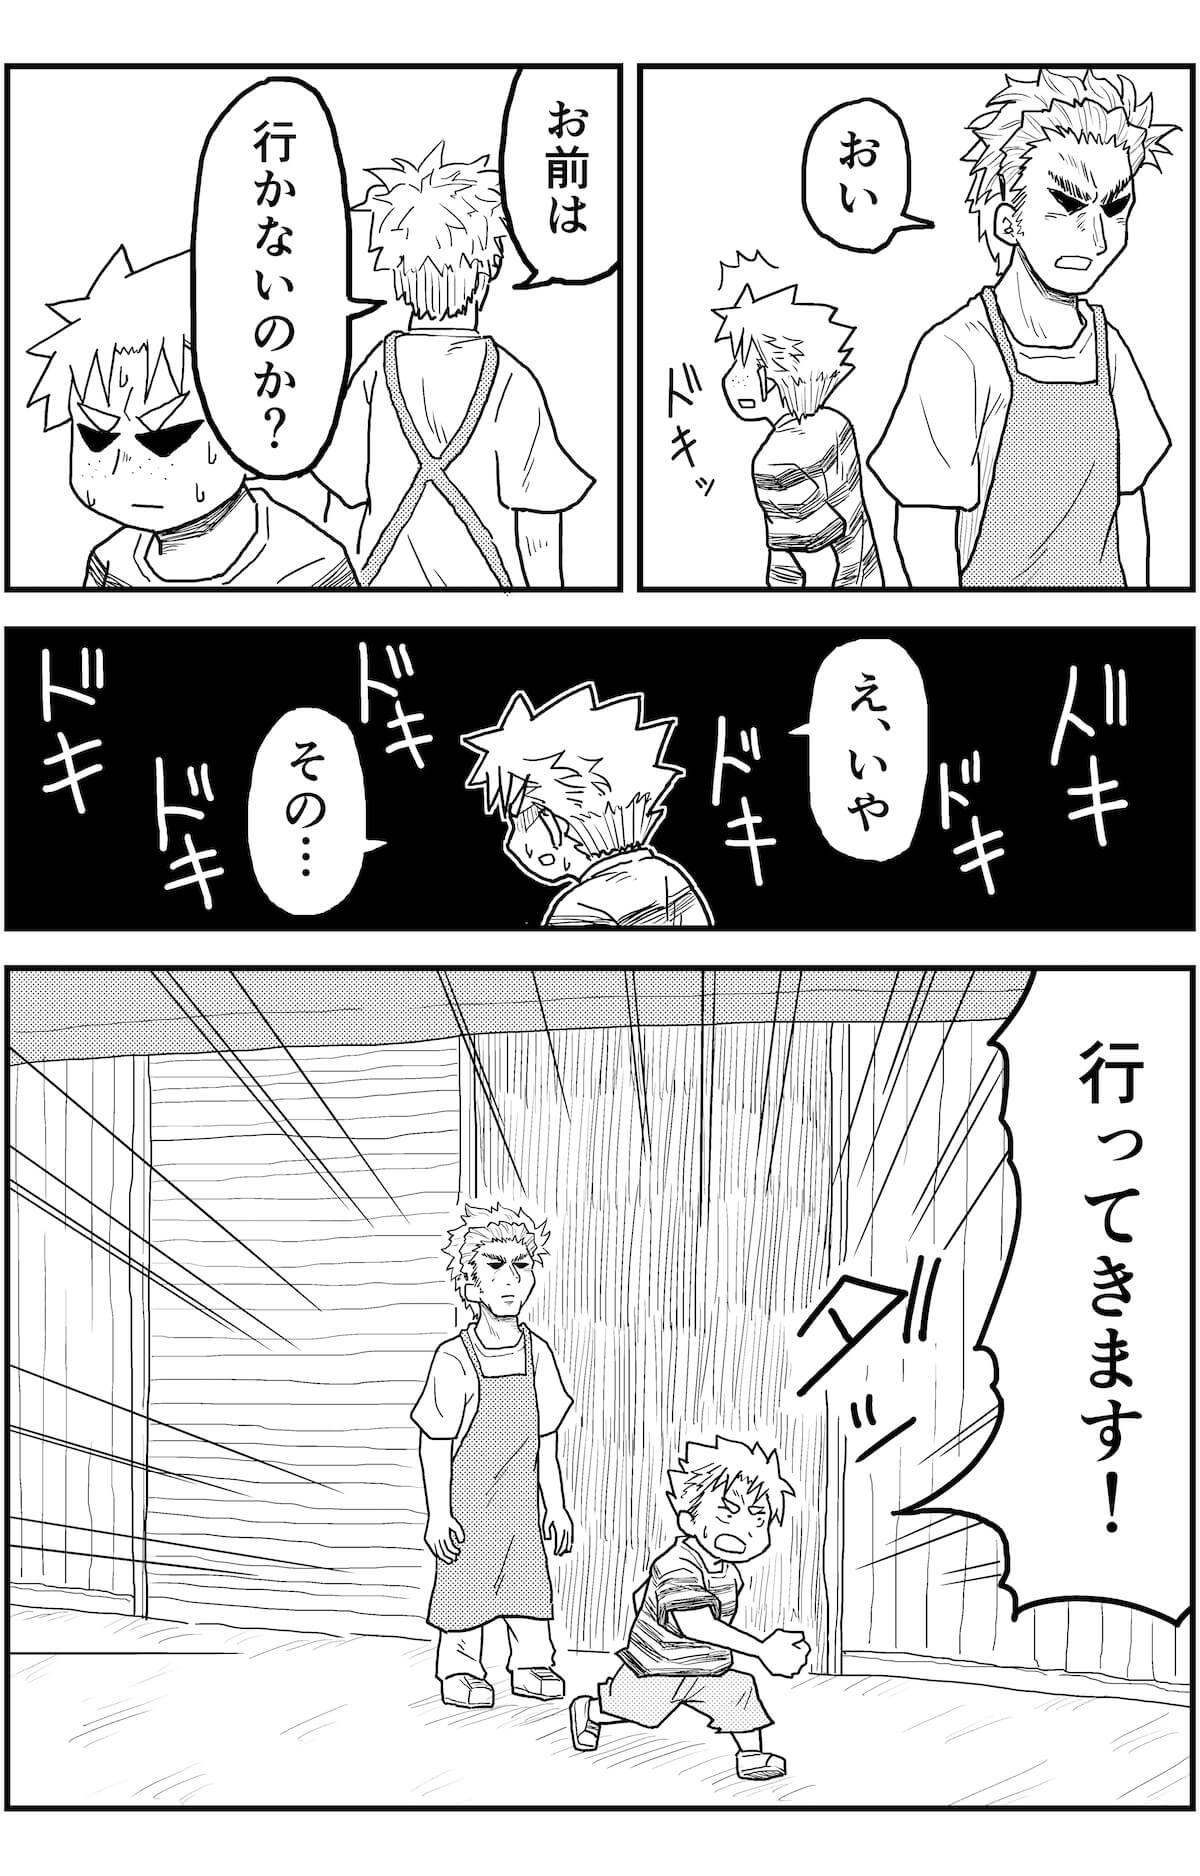 ショート版24話